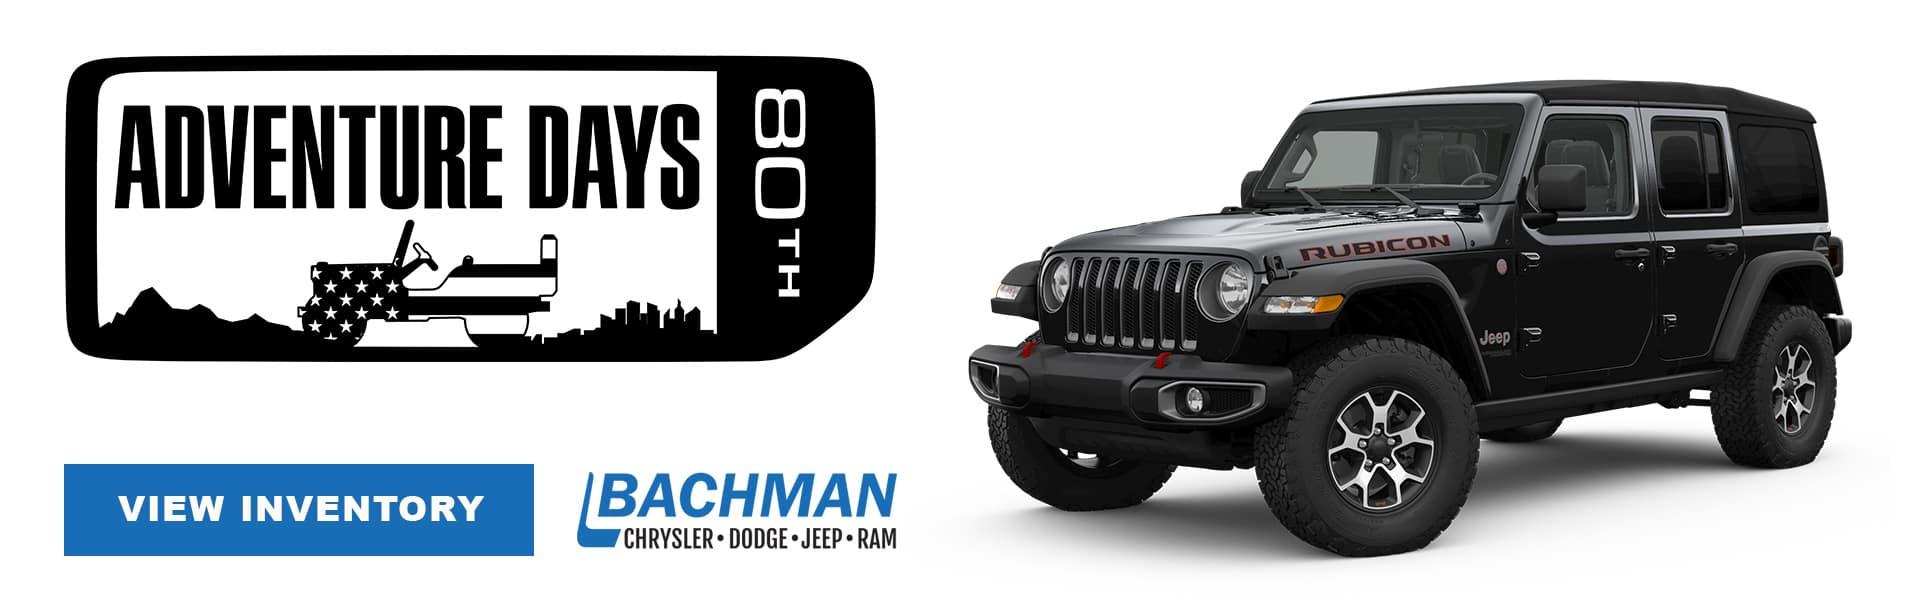 CDJR-Jeep